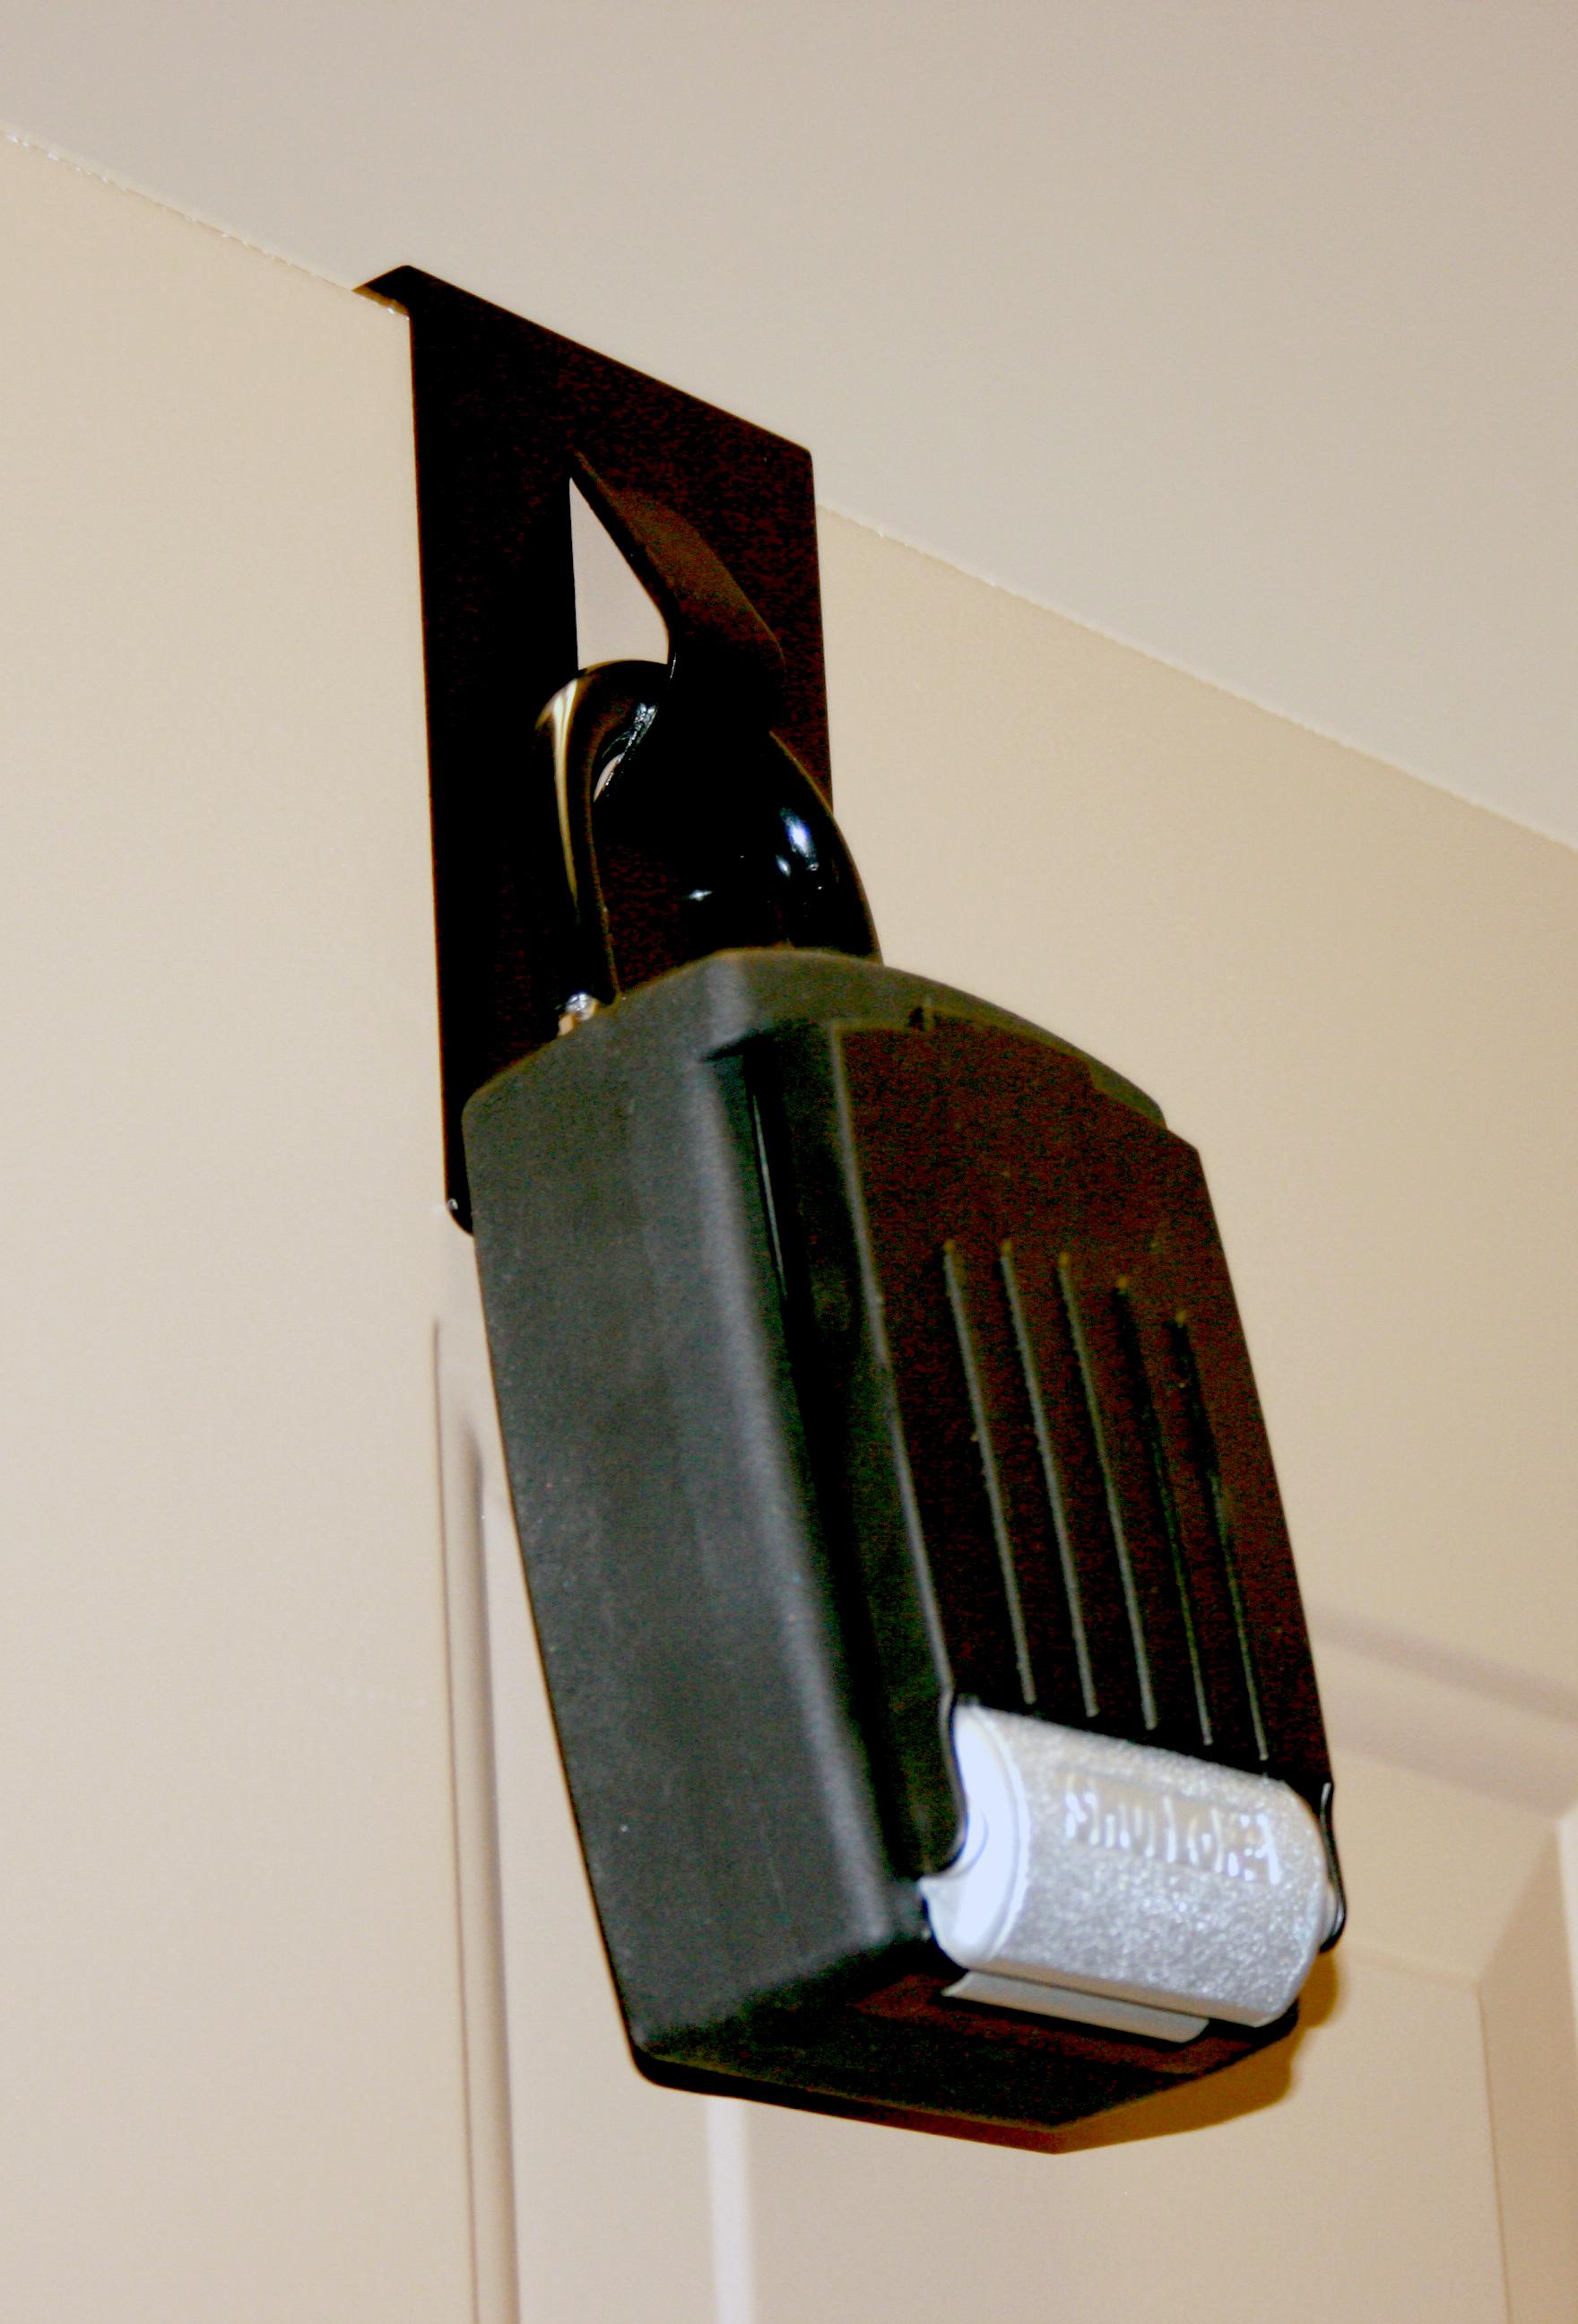 Over The Door 3 Tier Bathroom Towel Bar Rack Chrome W: Keys Storage, Key Storage,key Storages, Key Storage